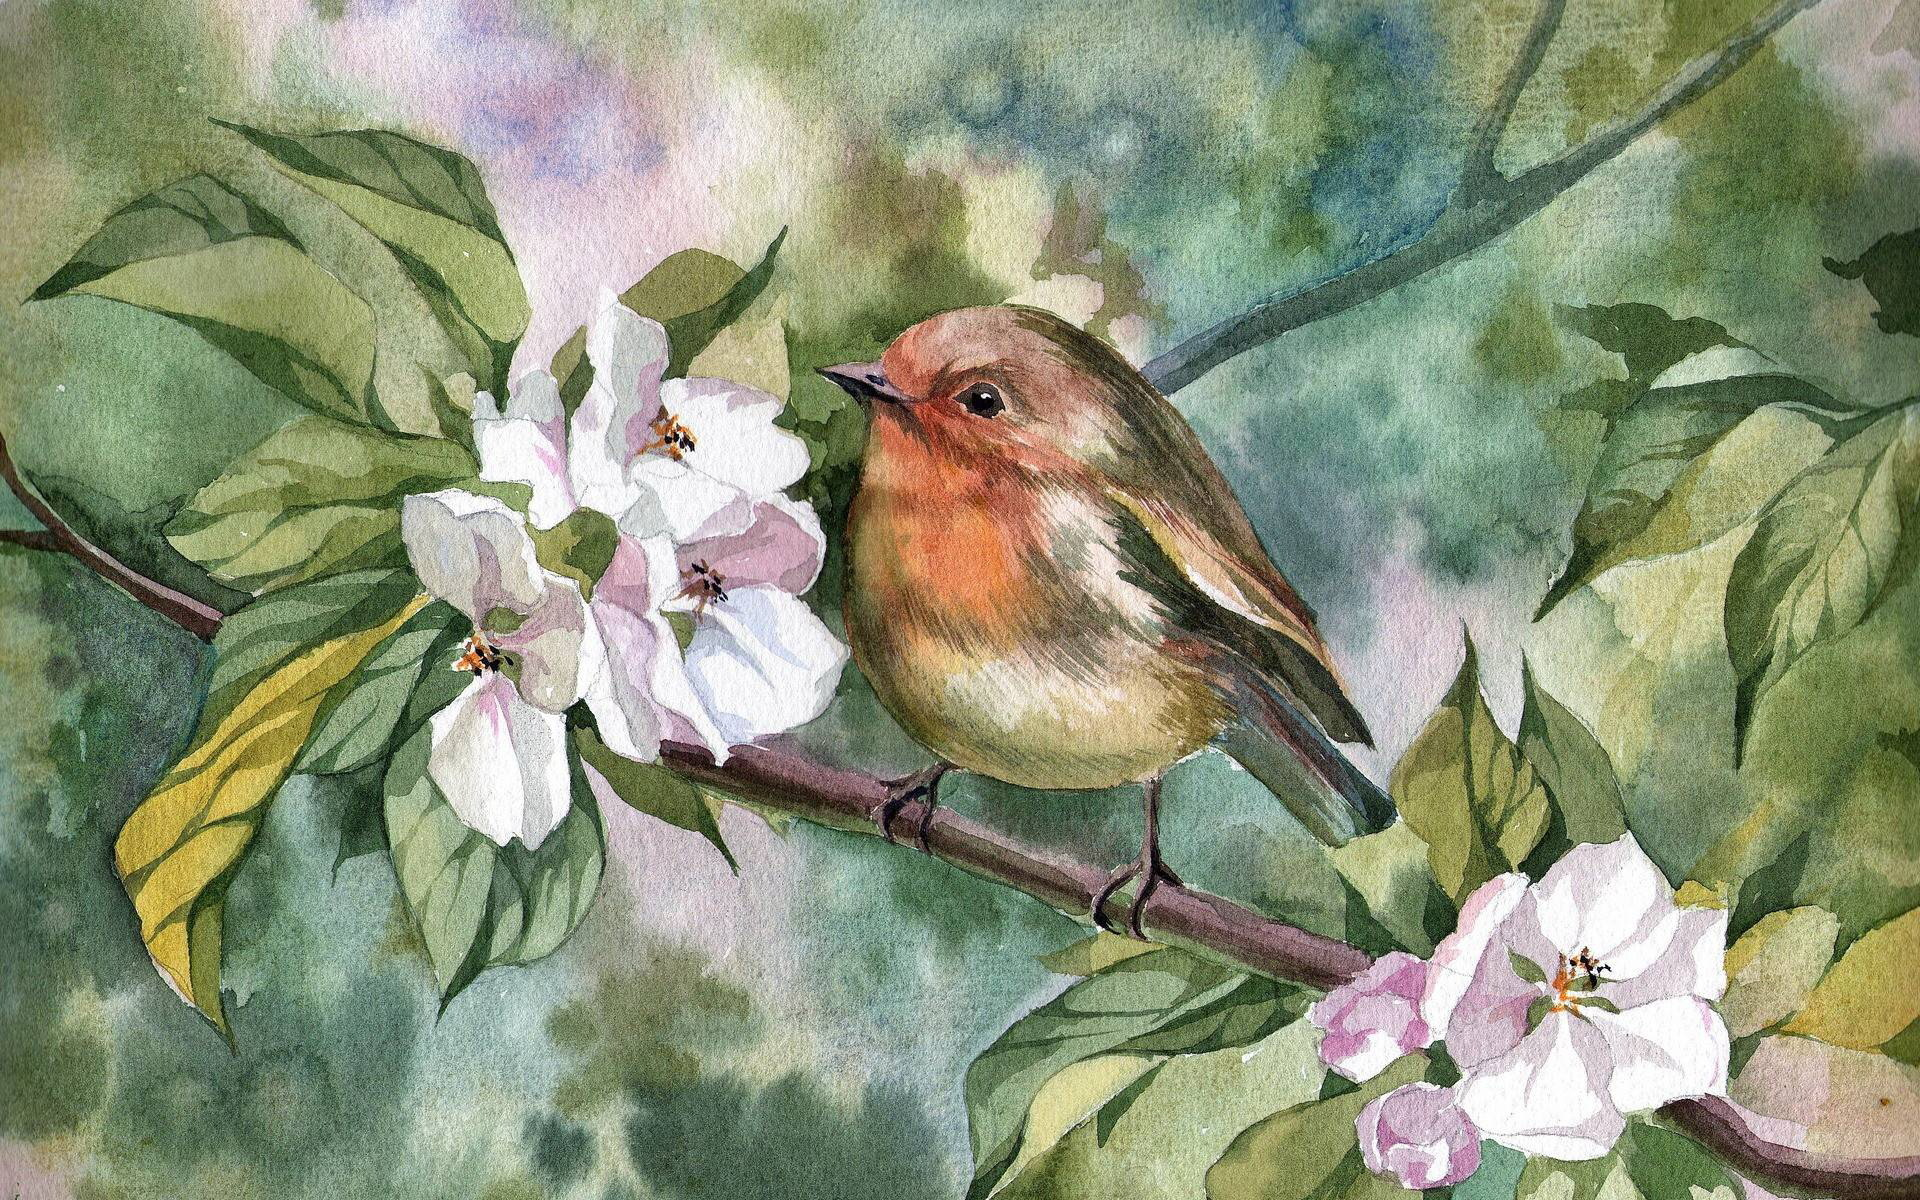 время птица на ветке рисунок красками обладает только приятным